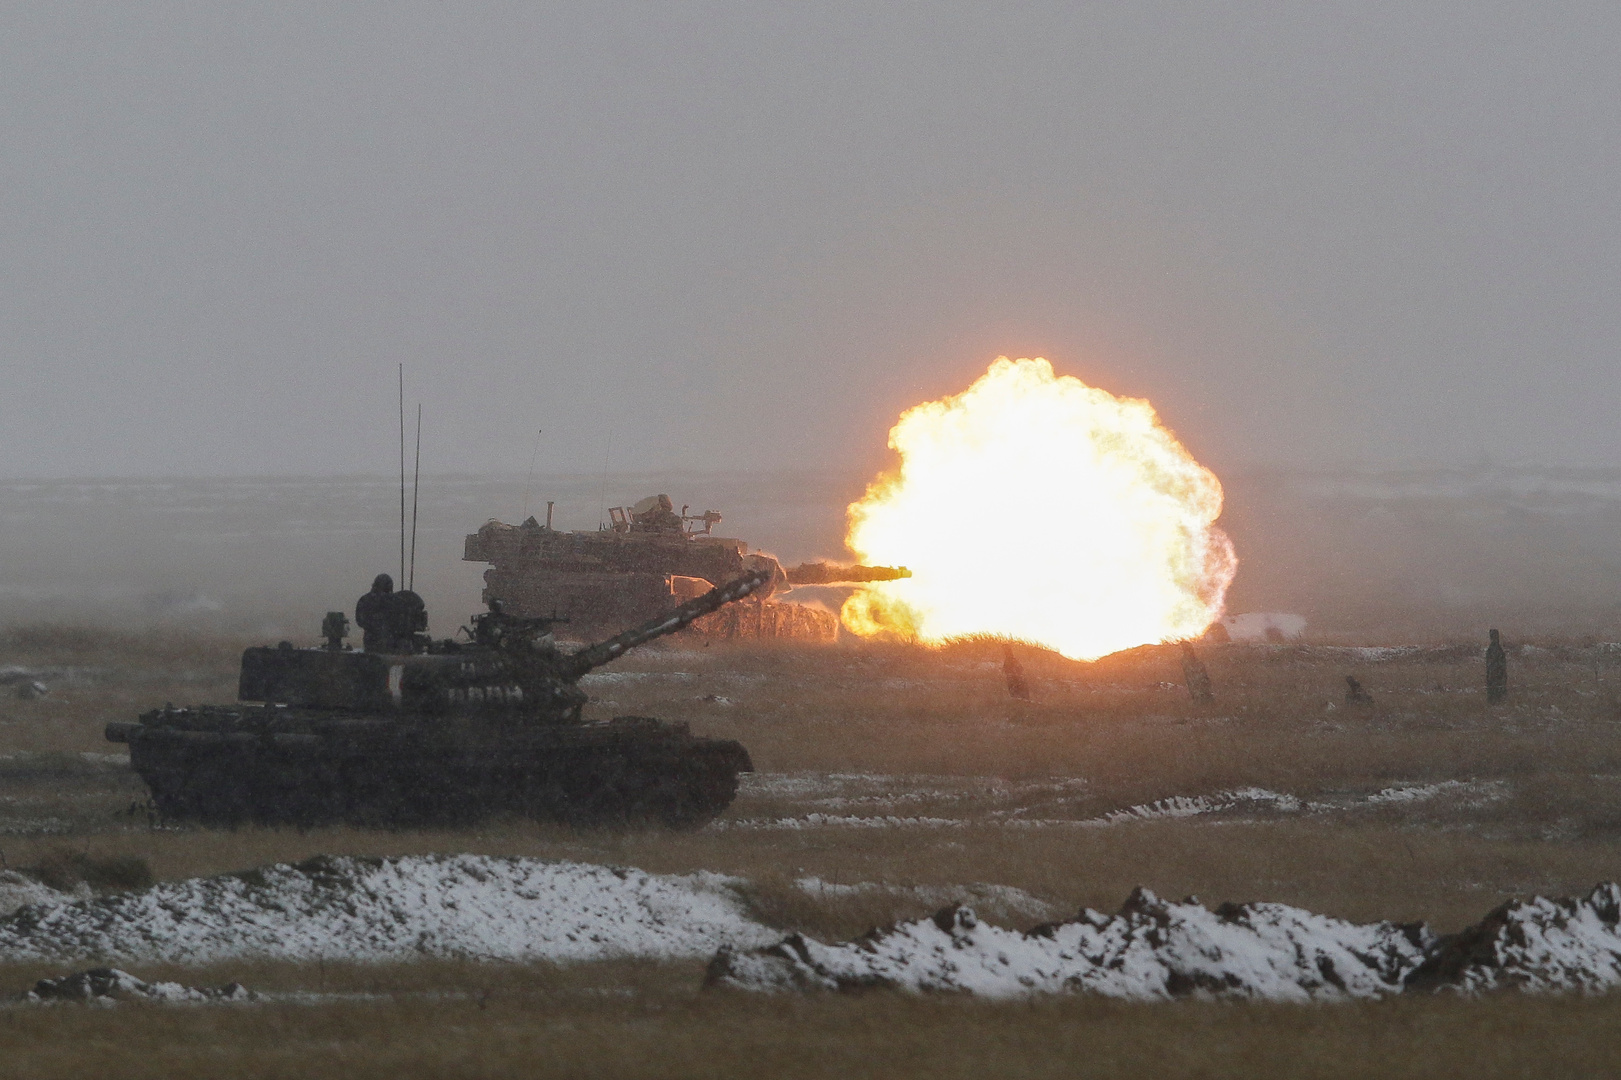 فيديو يوثق تدريبات أمريكية بالذخيرة الحية على حدود بيلاروس